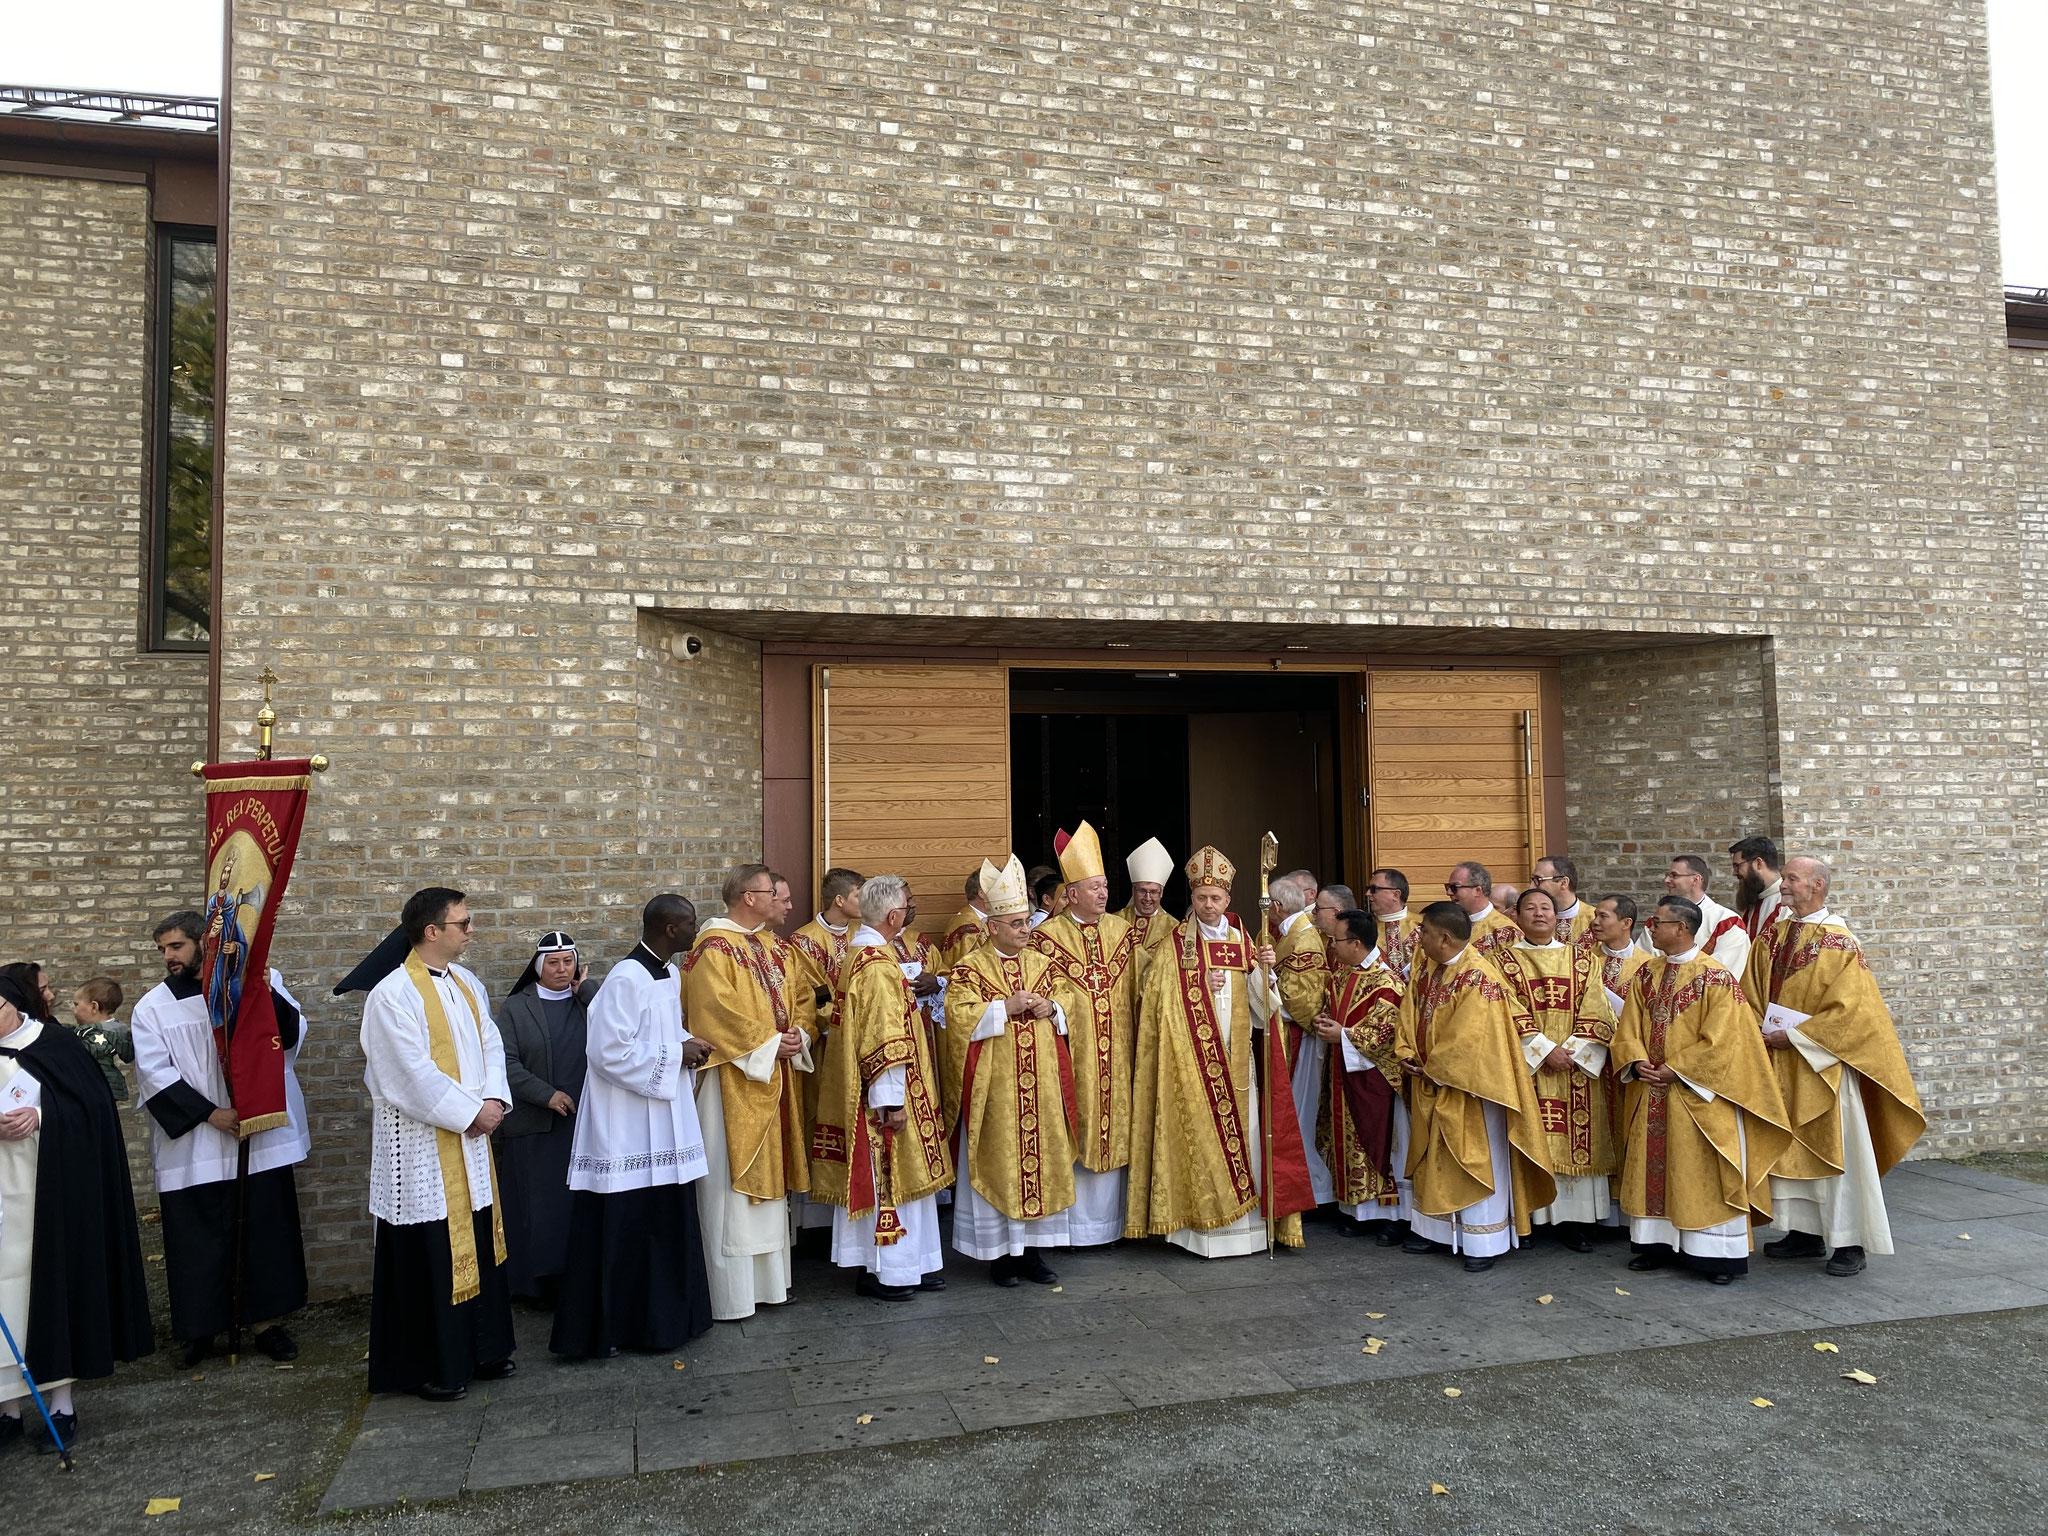 Nach der Messe versammeln sich alle Priester vor der St. Olav-Domkirche um Bischof Erik herum.